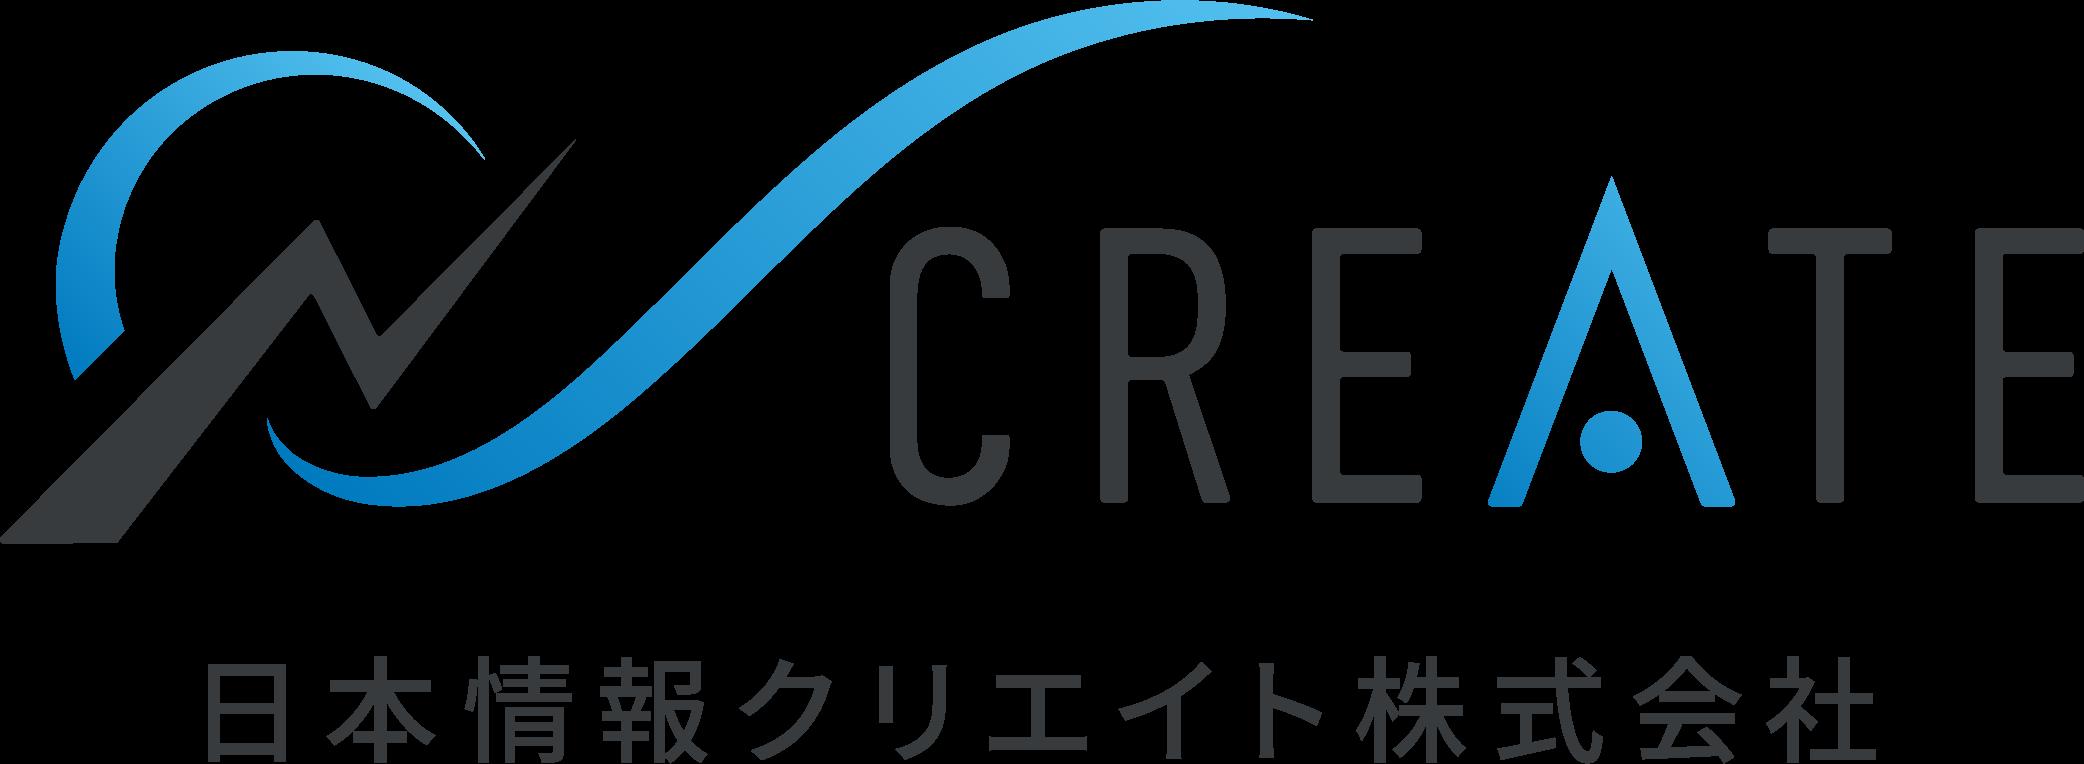 日本情報クリエイト<br /> 株式会社の画像